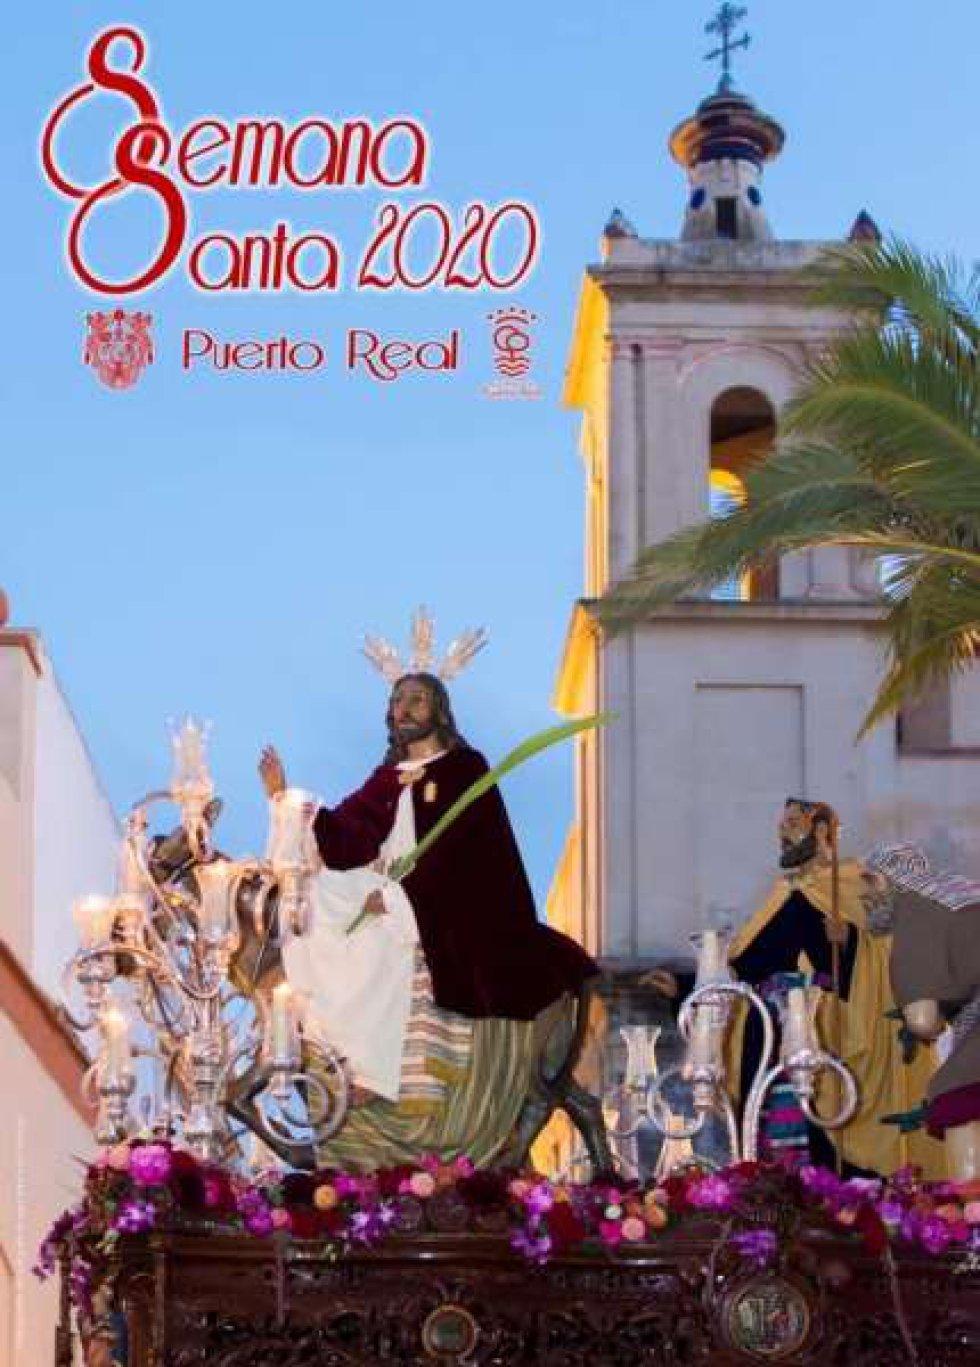 El cartel anunciador de la Semana Santa de Puerto Real es una fotografía que muestra la salida extraordinaria del 75 aniversario de la Hermandad de la Boriquita. Es una obra del isleño Miguel Ángel Muñoz Crespo.